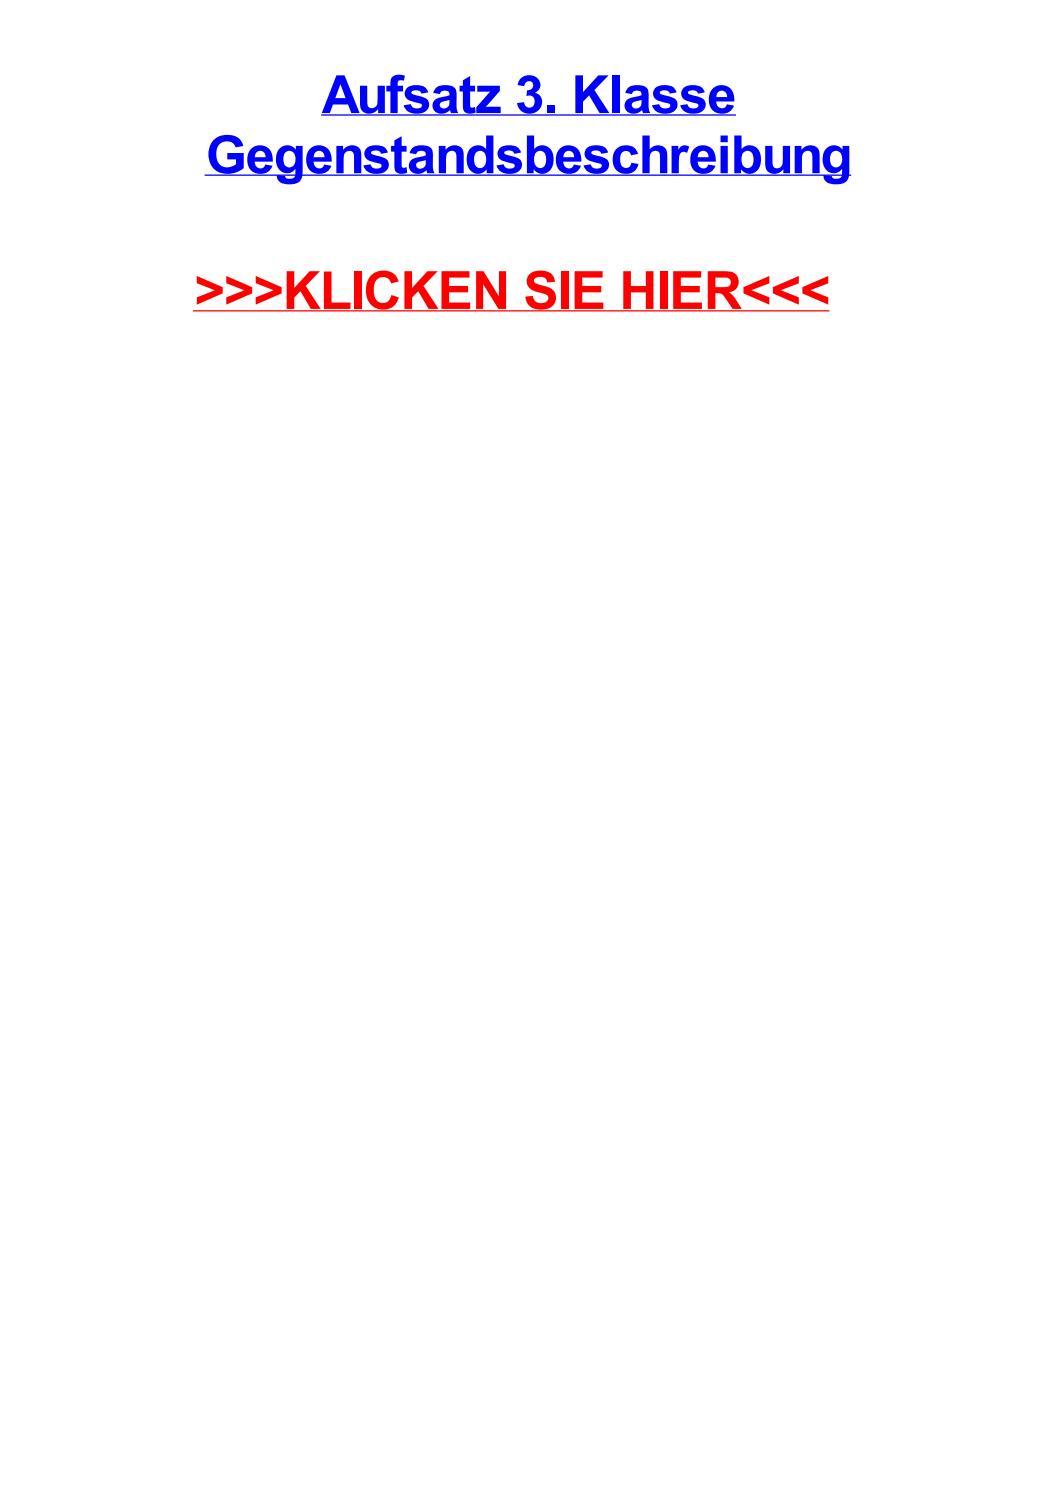 Aufsatz 3 klasse gegenstandsbeschreibung by tinaouzgm - issuu